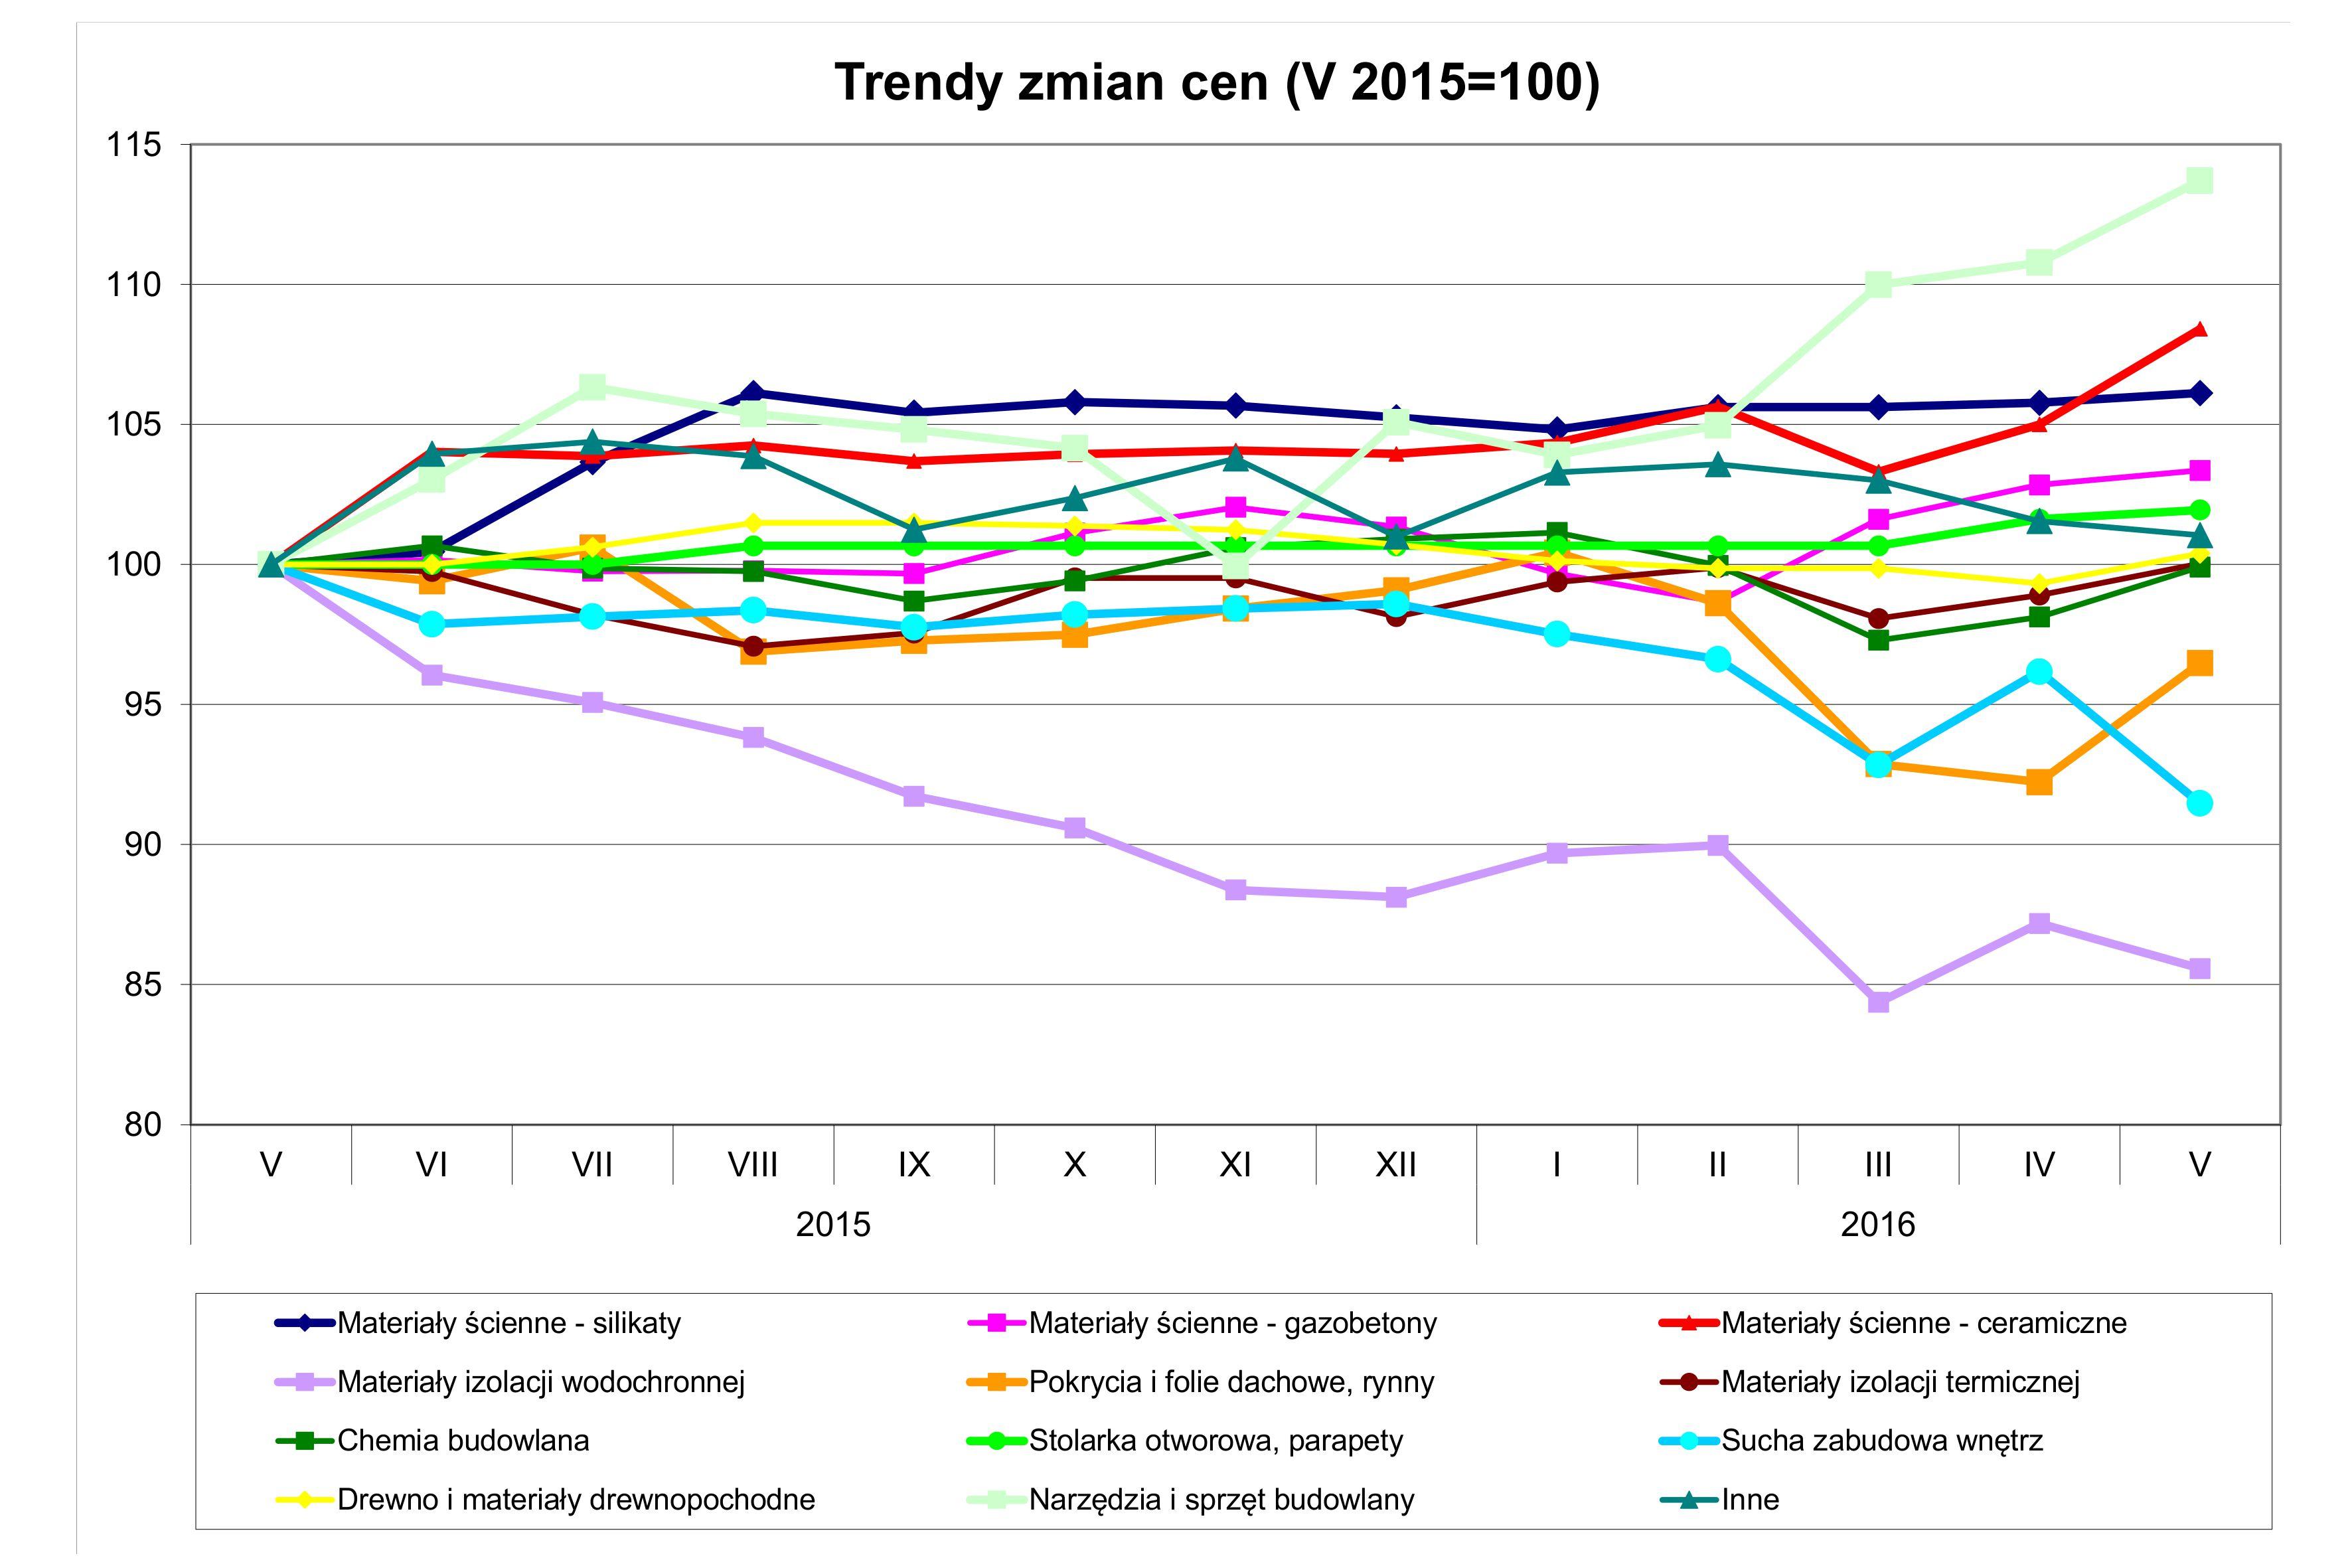 Trendy zmian cen_V 2016